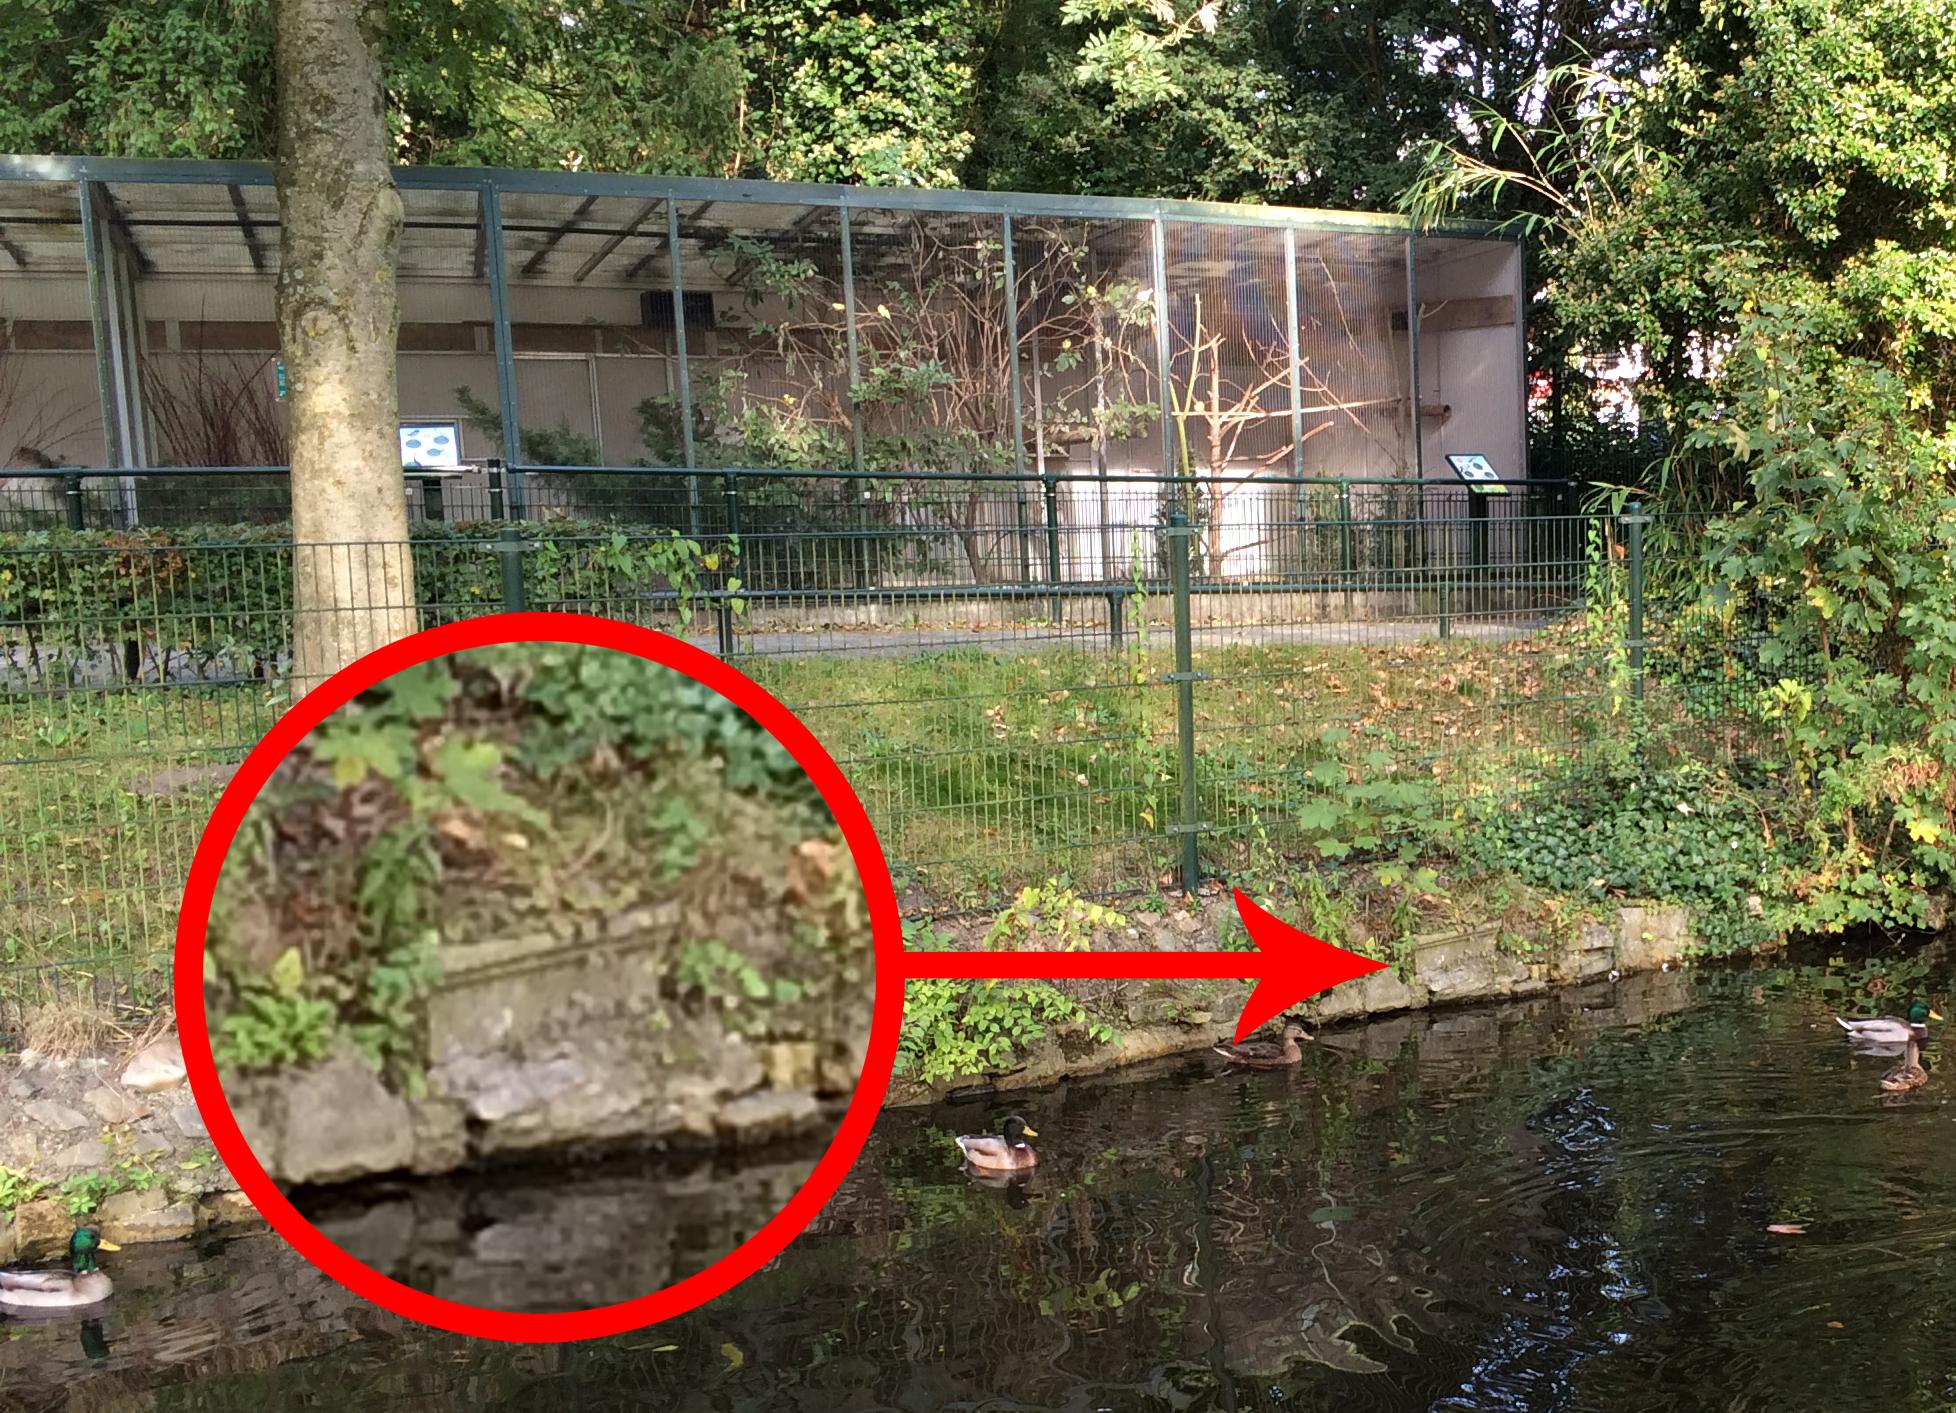 Zerken van geruimde graven werden in het verleden soms verwerkt in de oeverranden van de waterpartijen in de Alkmaarderhout. Foto: Regionaal Archief Alkmaar